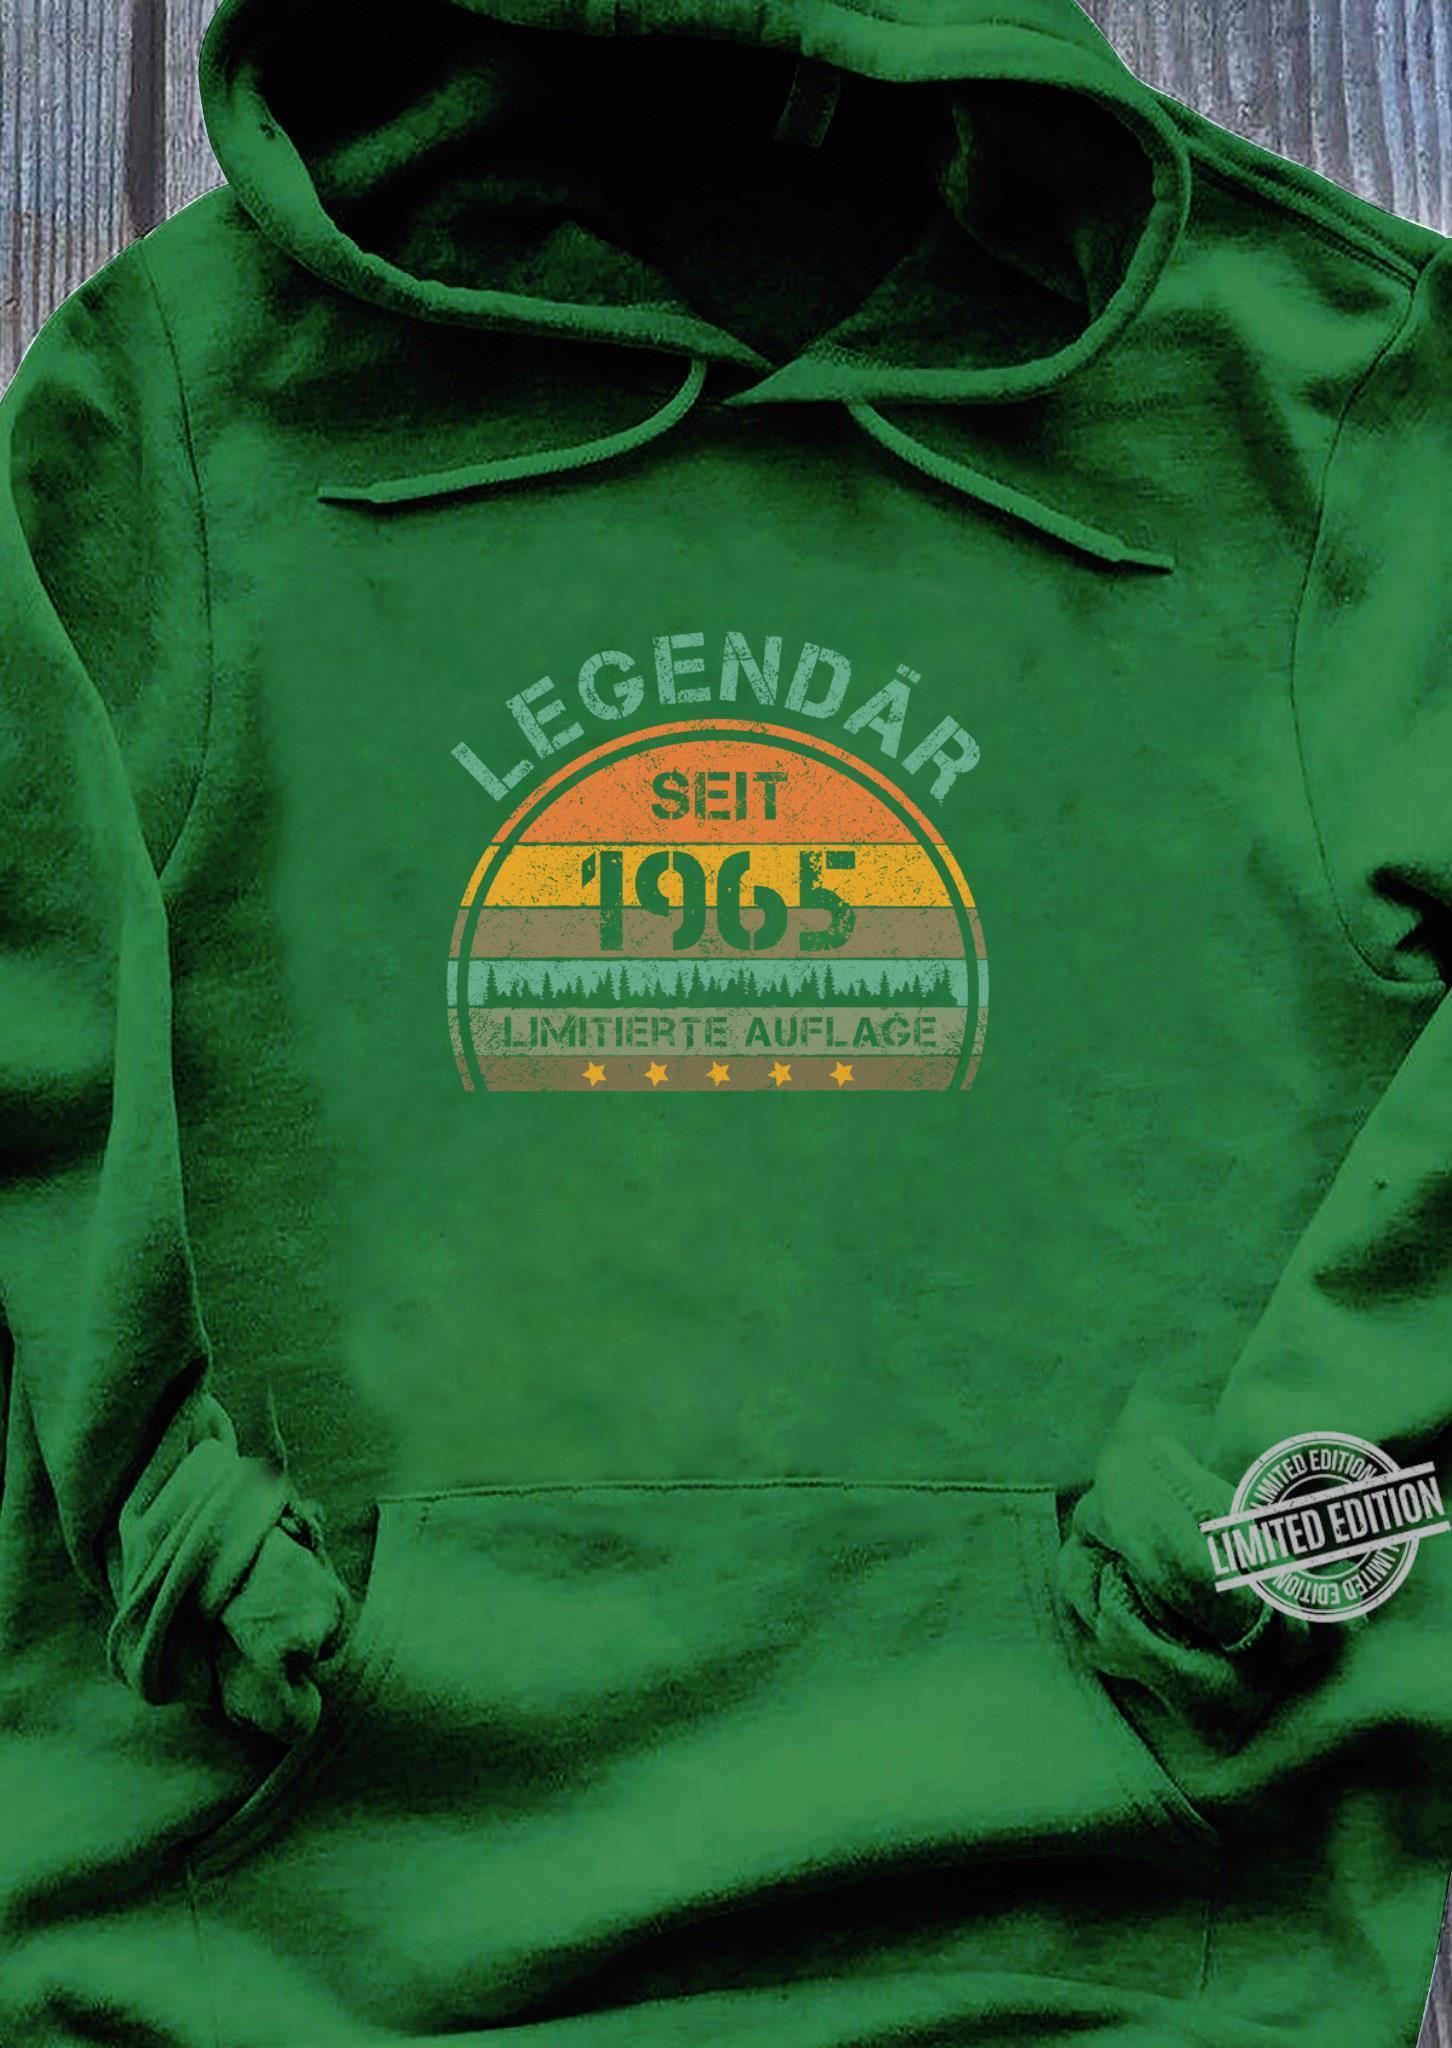 55. Geburtstag 55 Jahre Legendär 1965 Limitierte Auflage Shirt hoodie